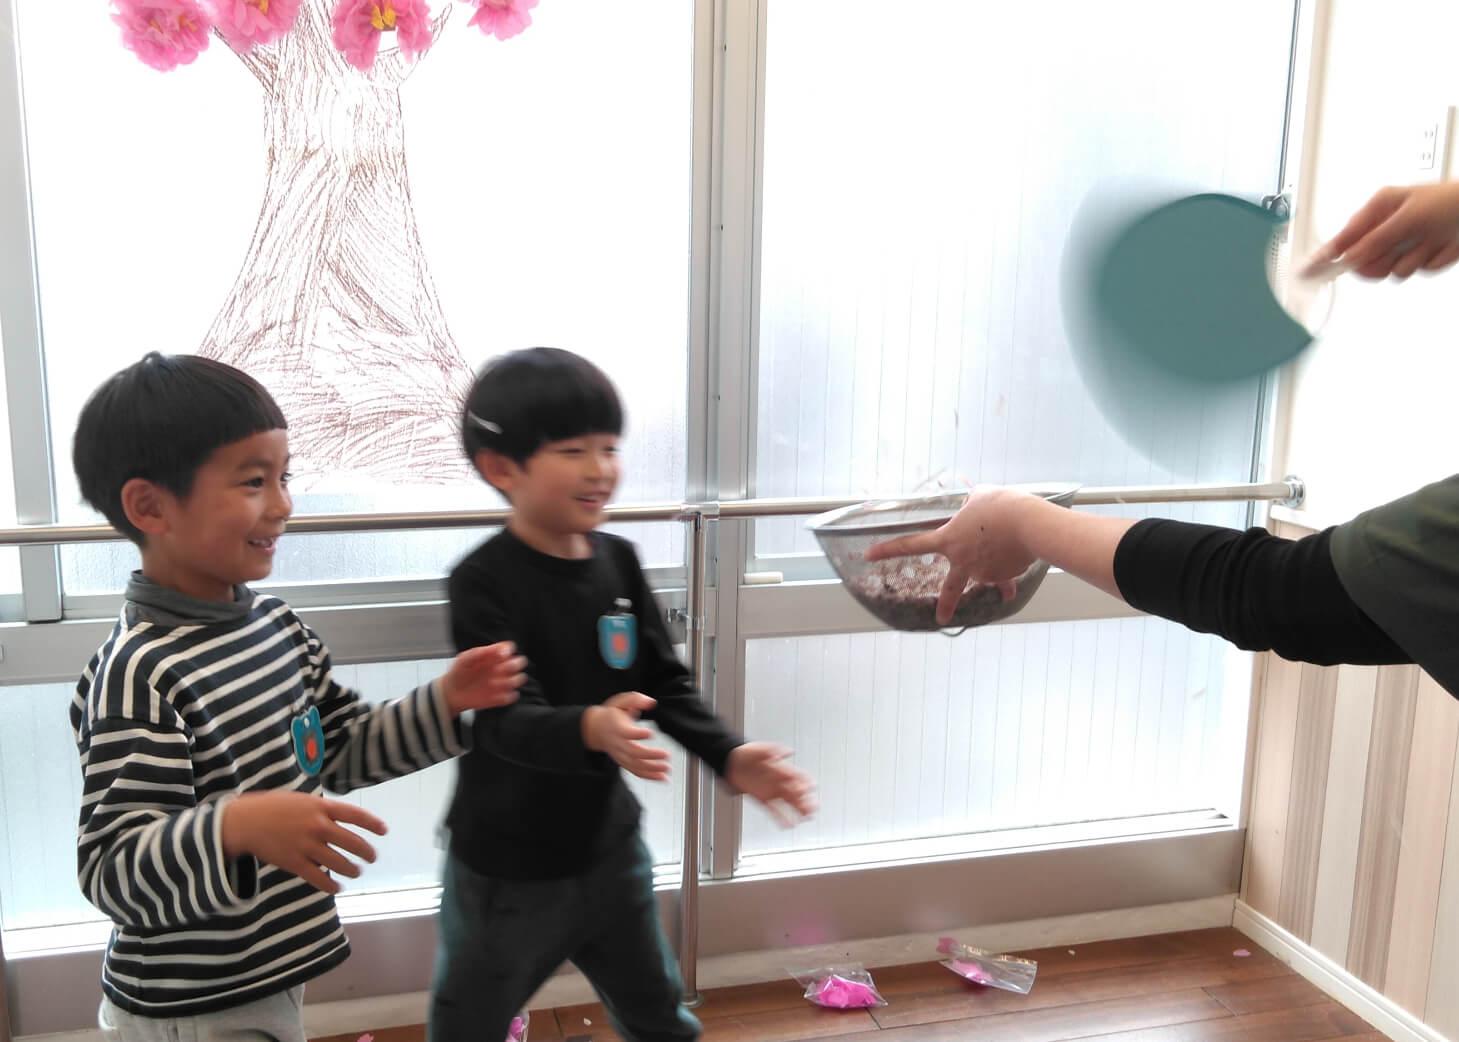 桜吹雪で遊ぶ子どもたち